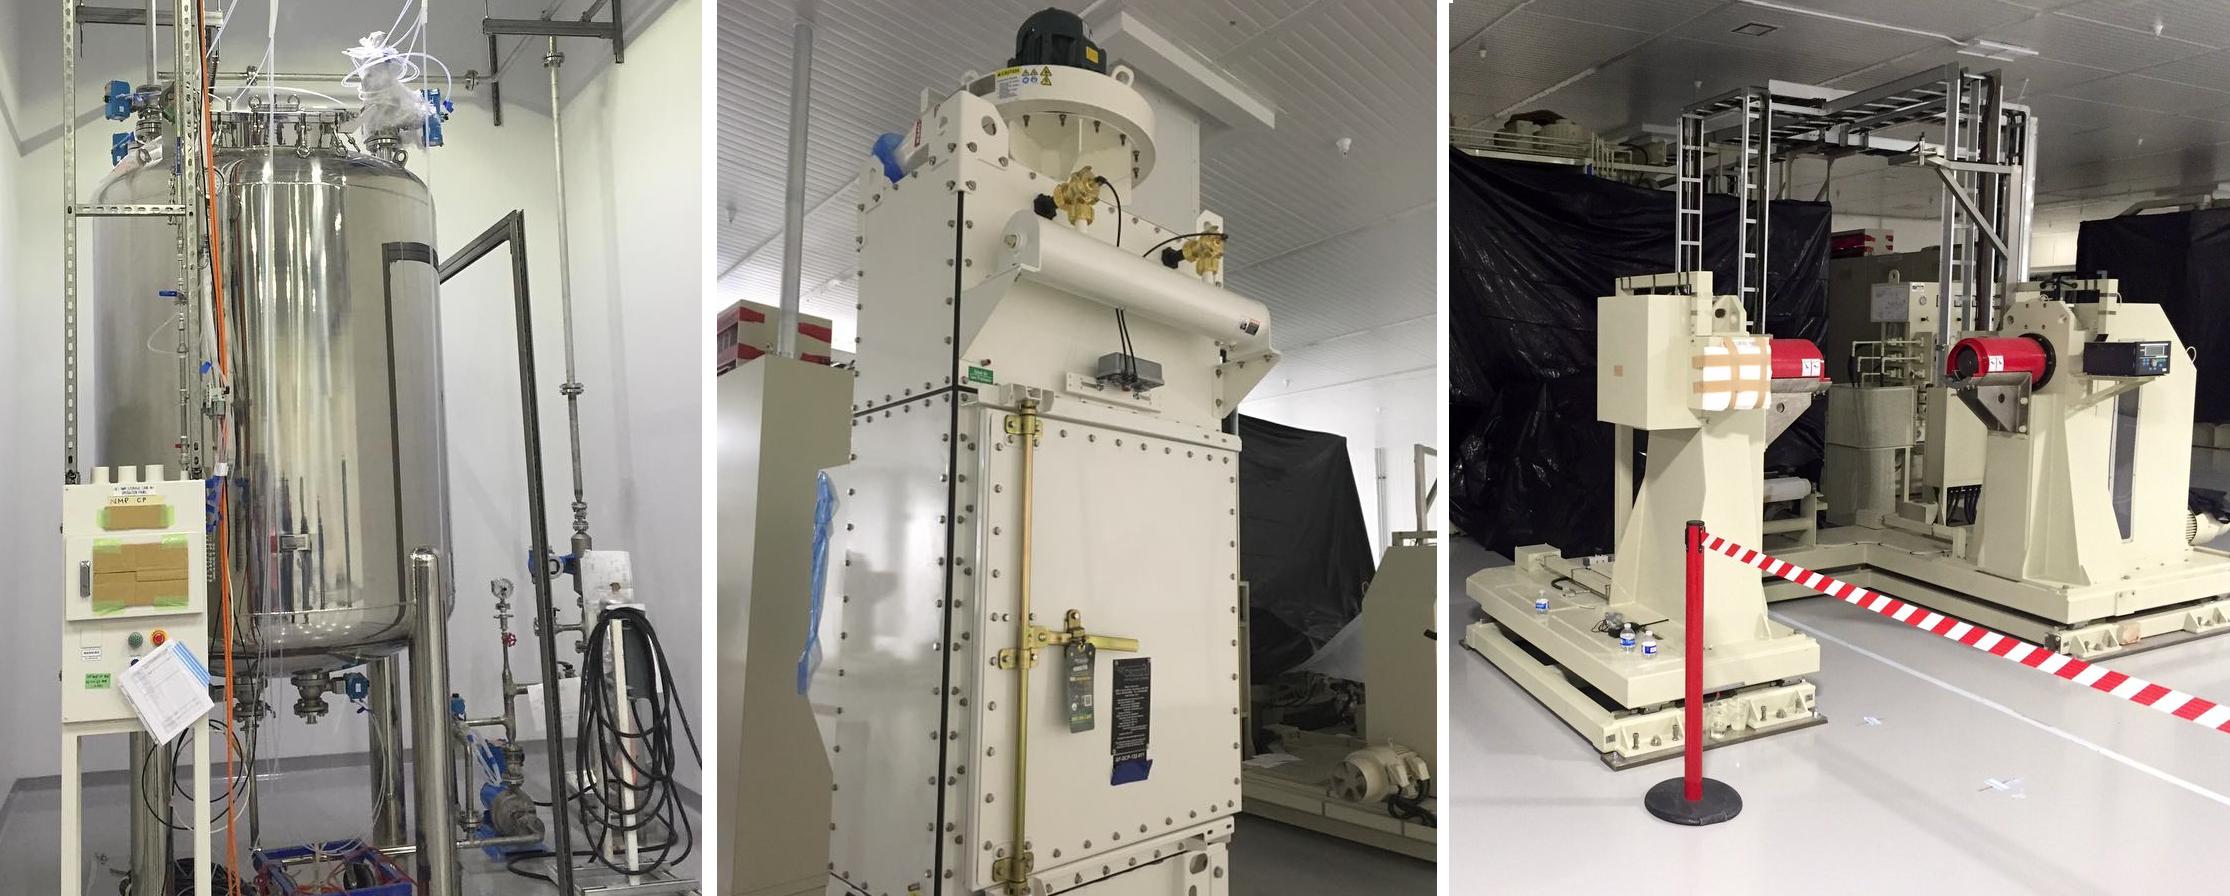 Gigafactory Panasonic machines